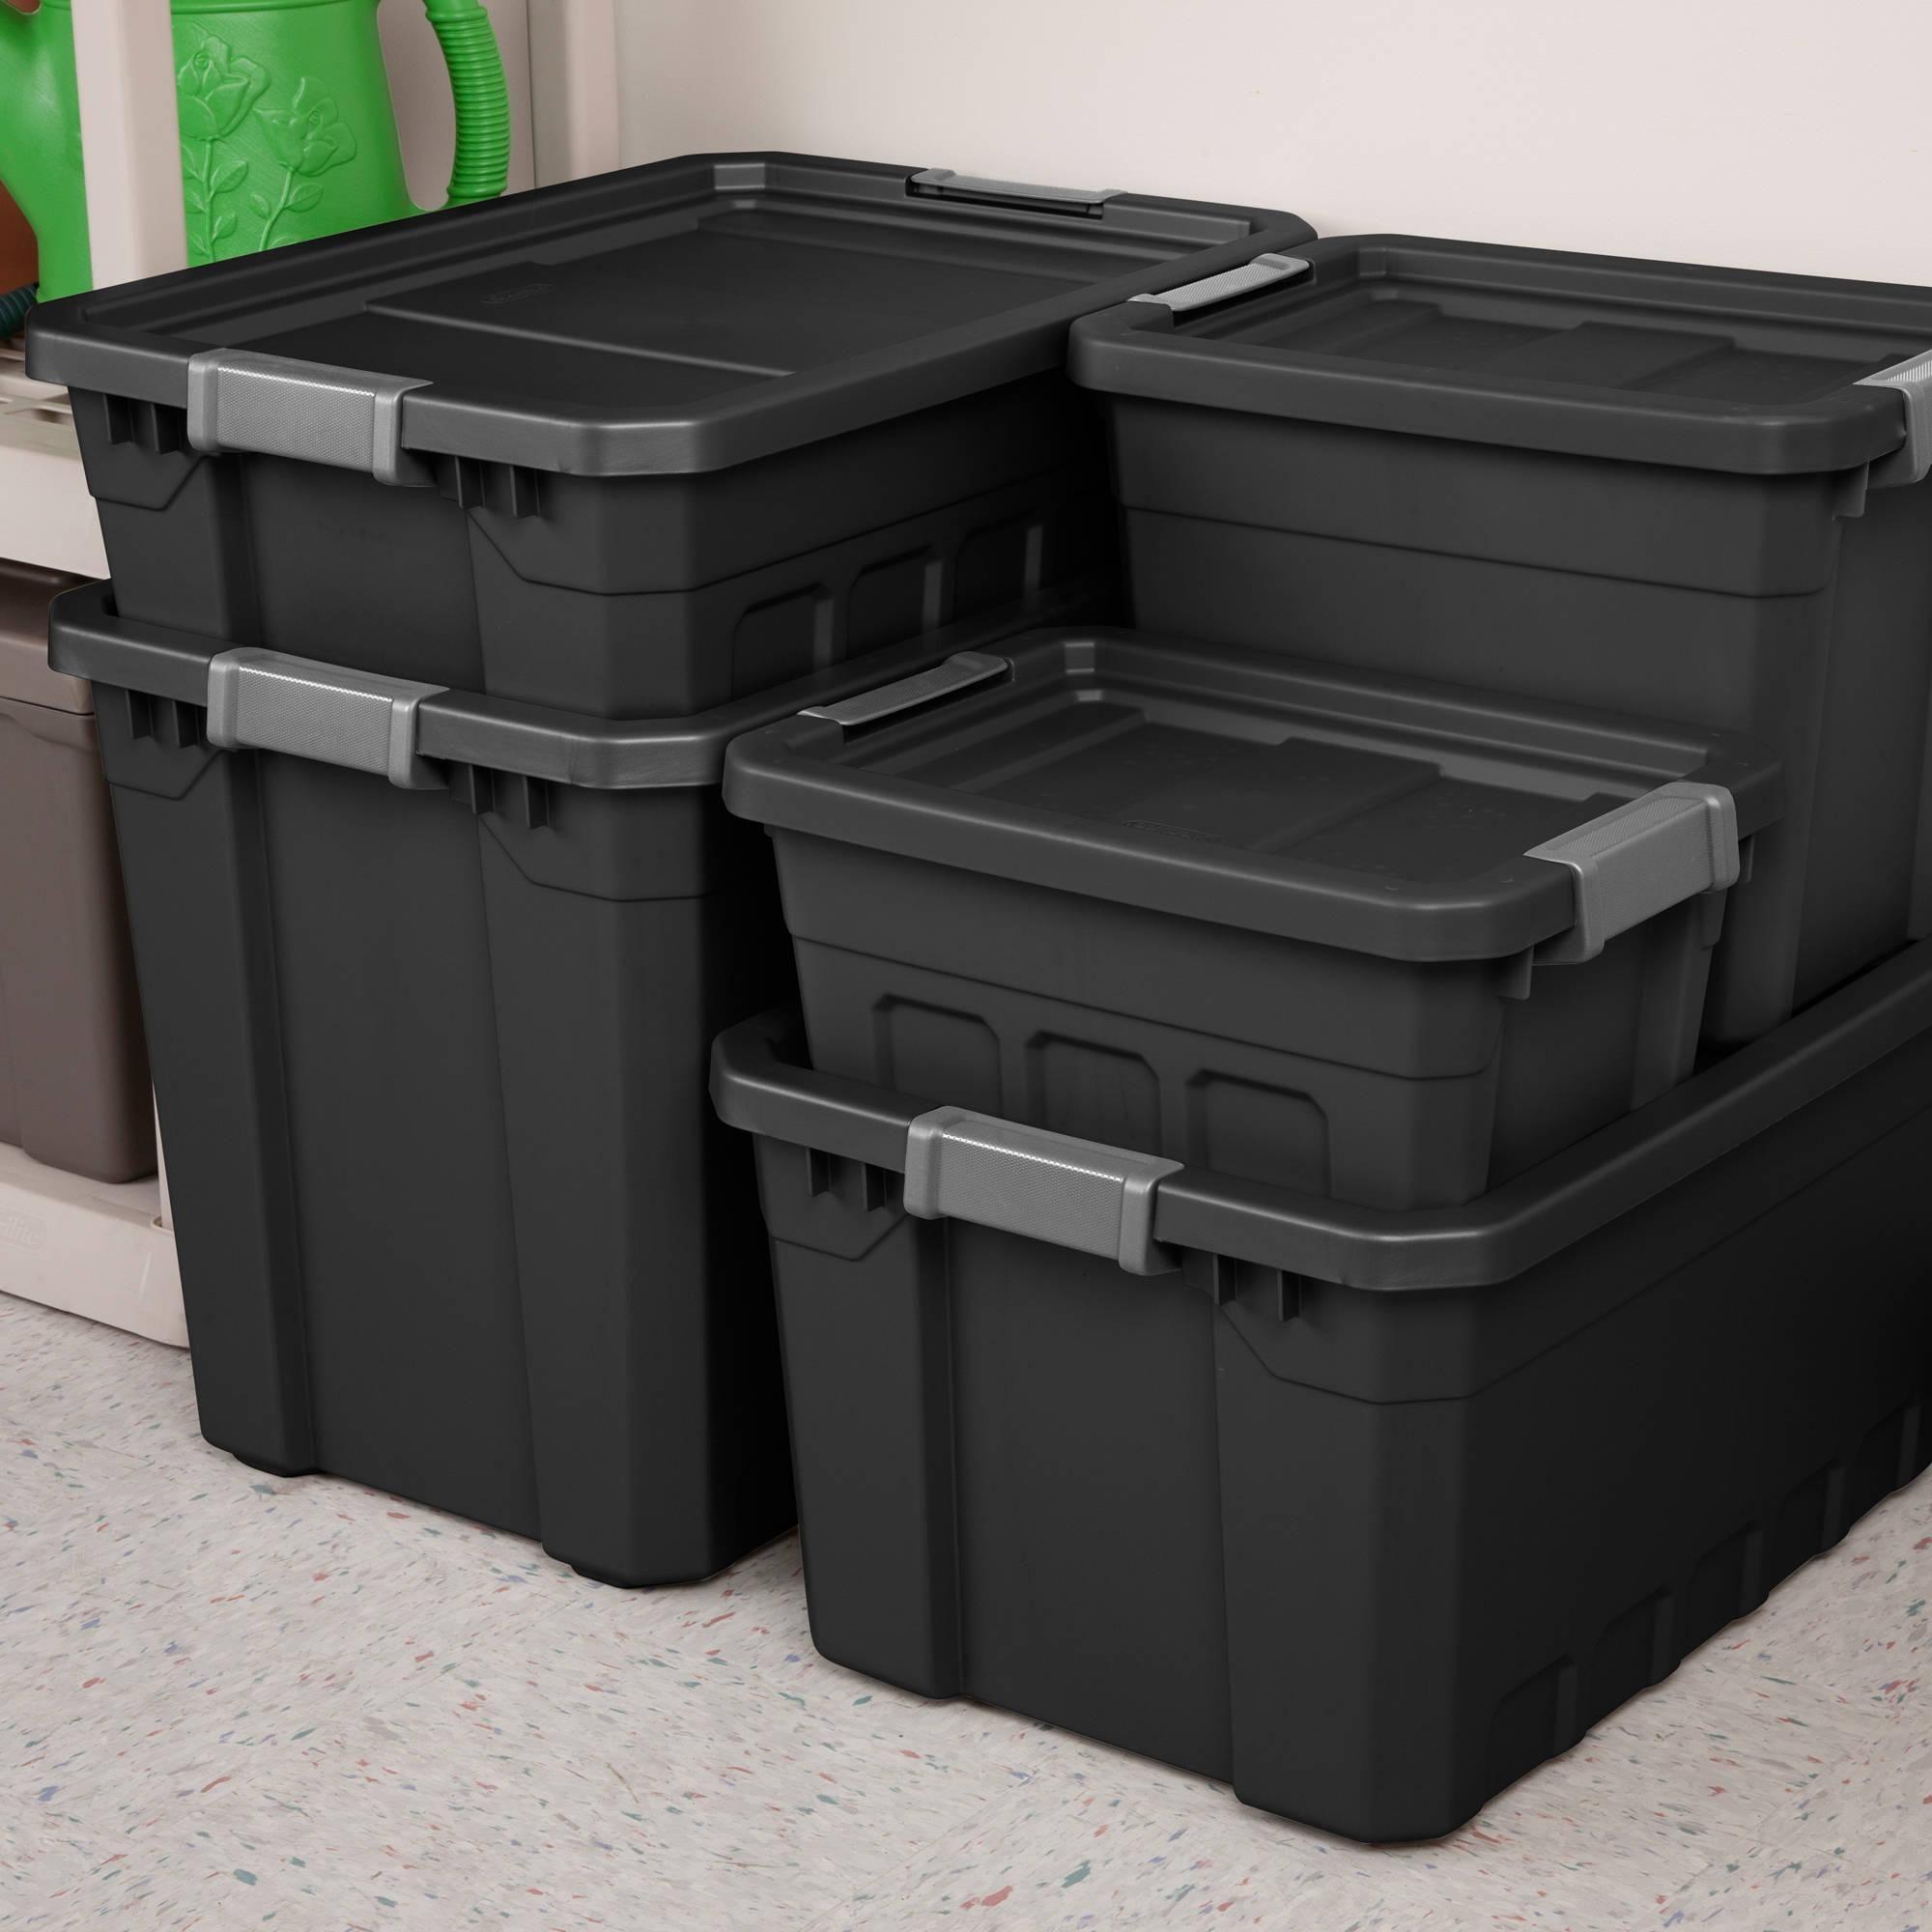 Sterilite 19 Gallon Stacker Tote Black Case of 6 Walmart